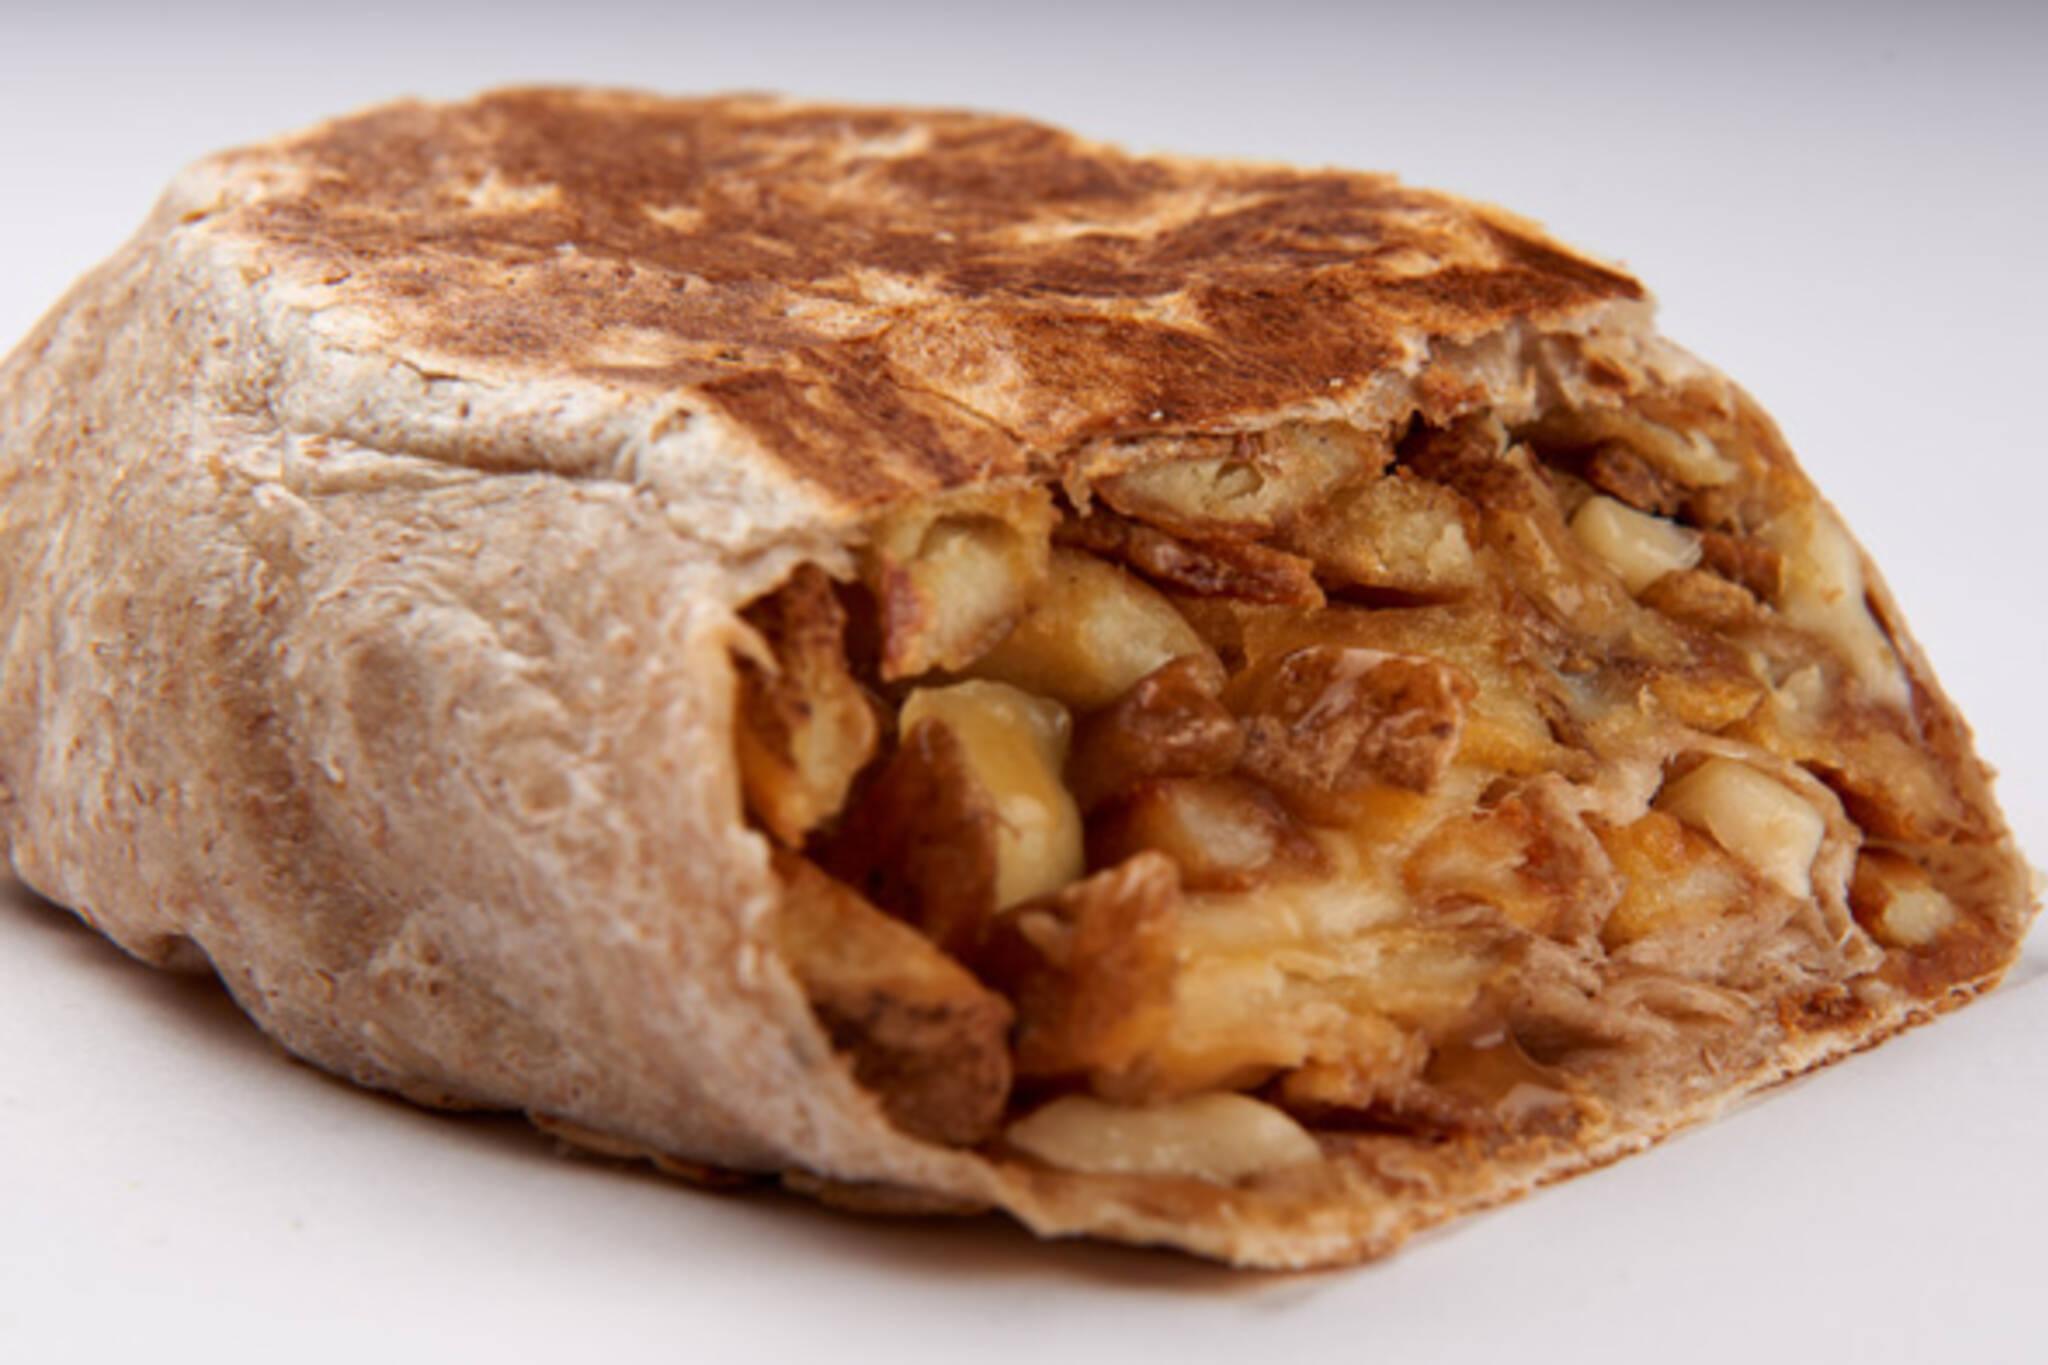 poutine burrito